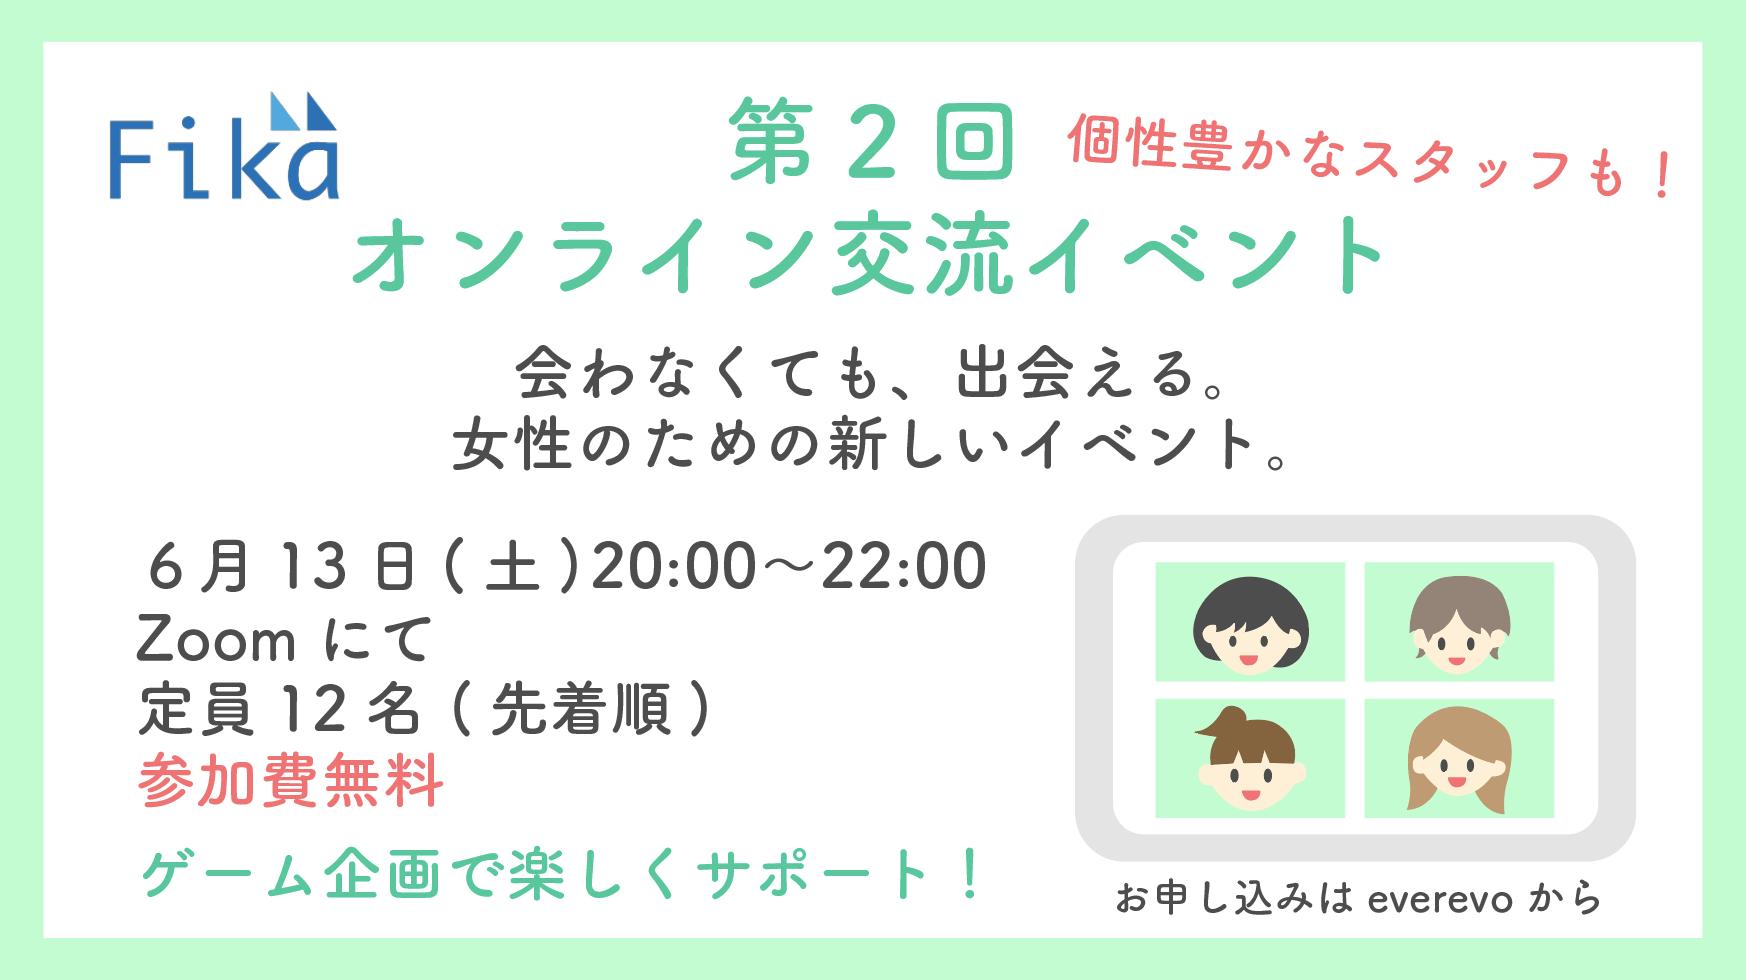 【残席わずか!】第2回Fikaオンライン交流イベント